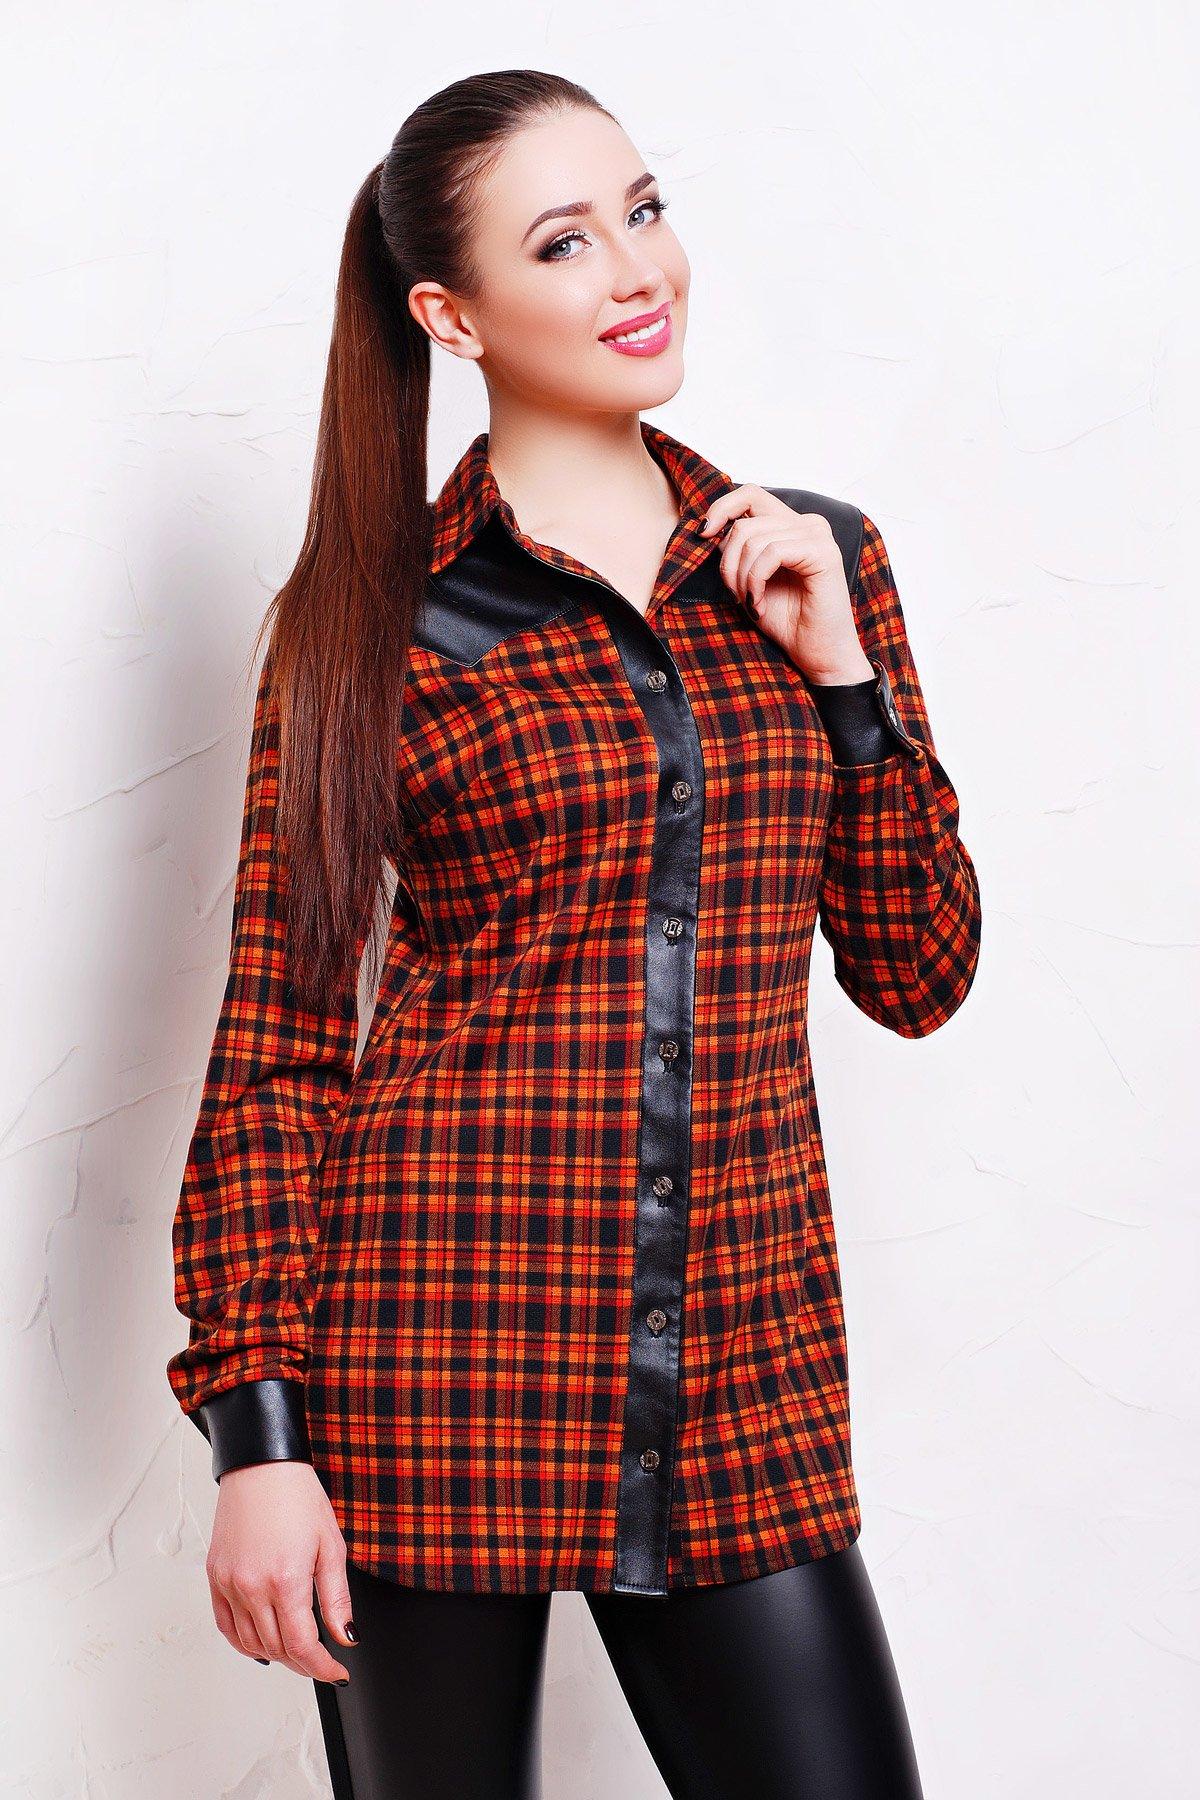 bd52ab17d0d Женская клетчатая рубашка с кожаными вставками Аризона - купить ...